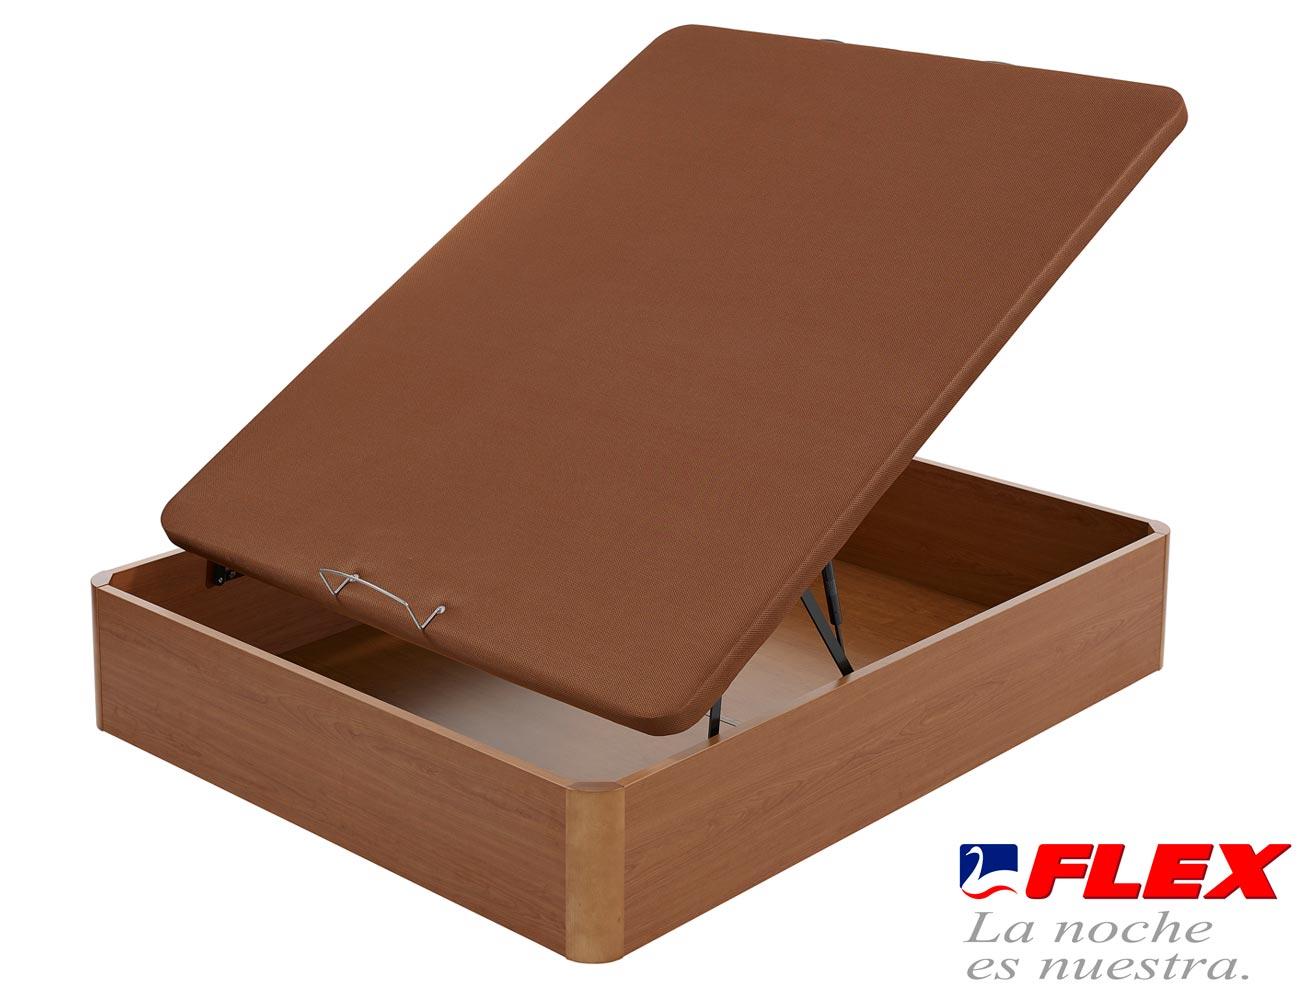 Canape flex madera abatible tapa3d 8318